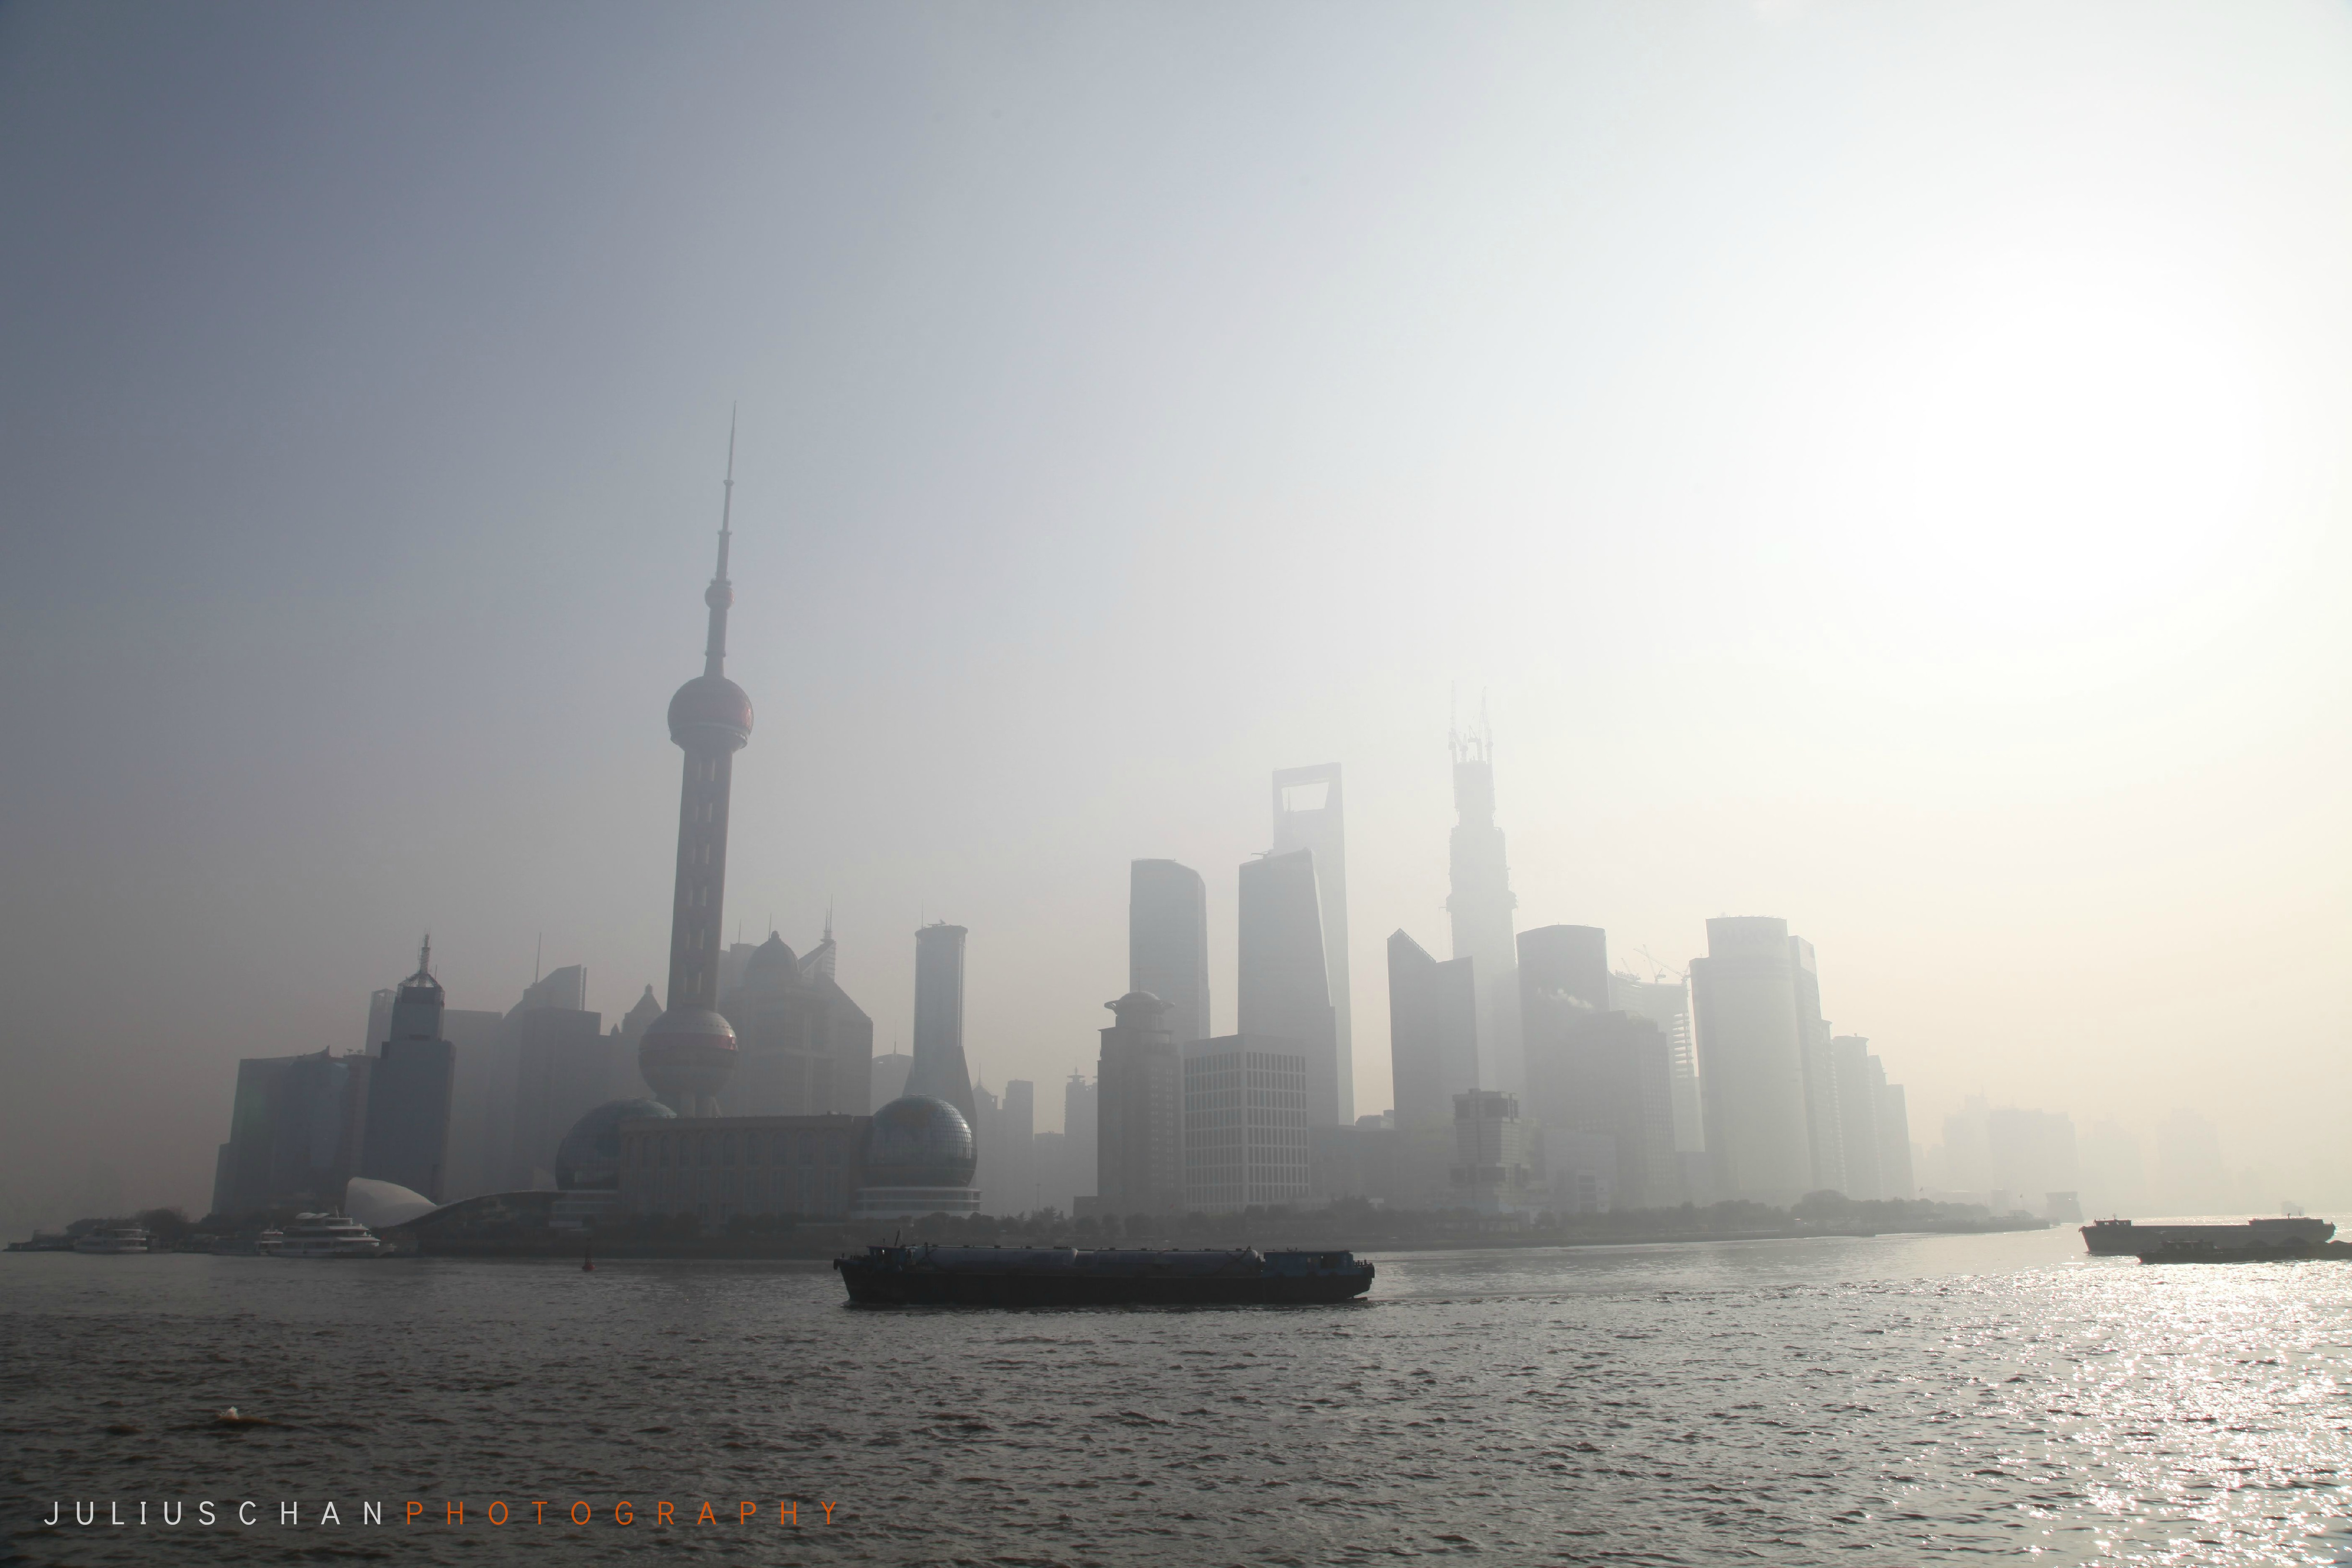 Bund, Shanghai pollution